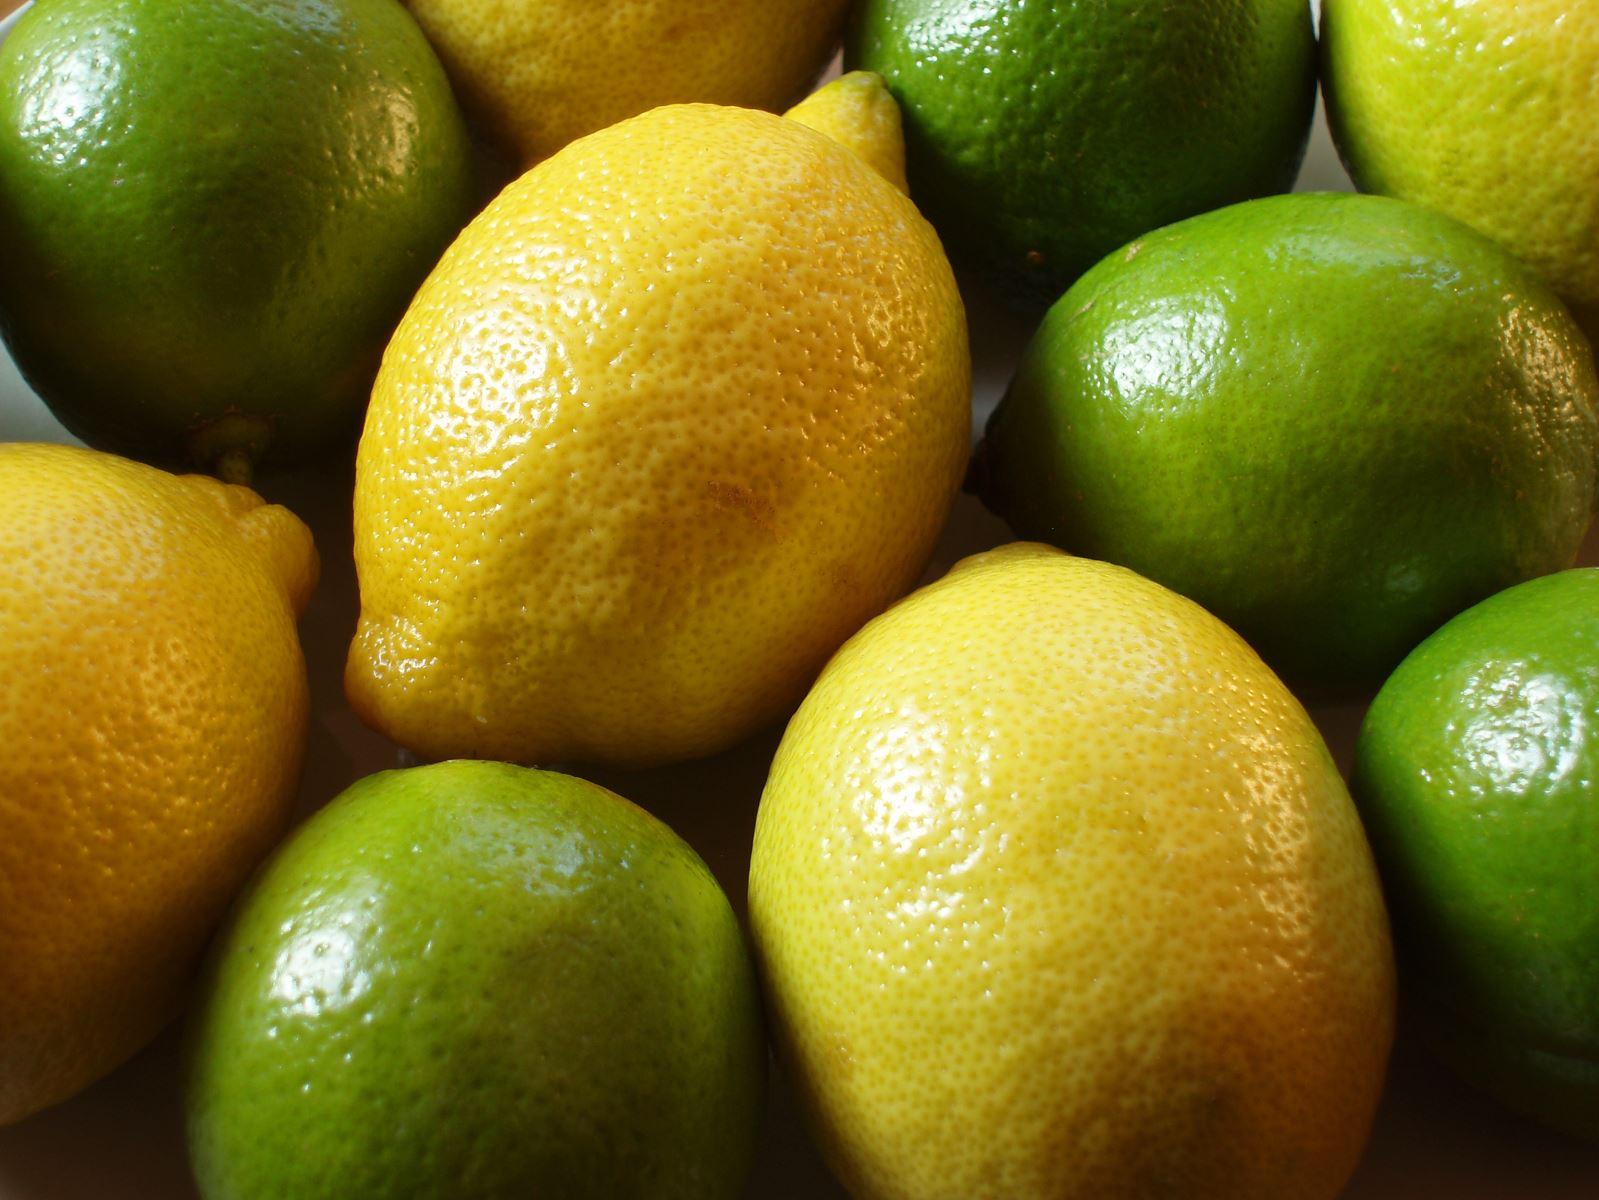 افزایش تولید لیمو ترش در راه است/ ضرورت مدیریت آفت جاروک